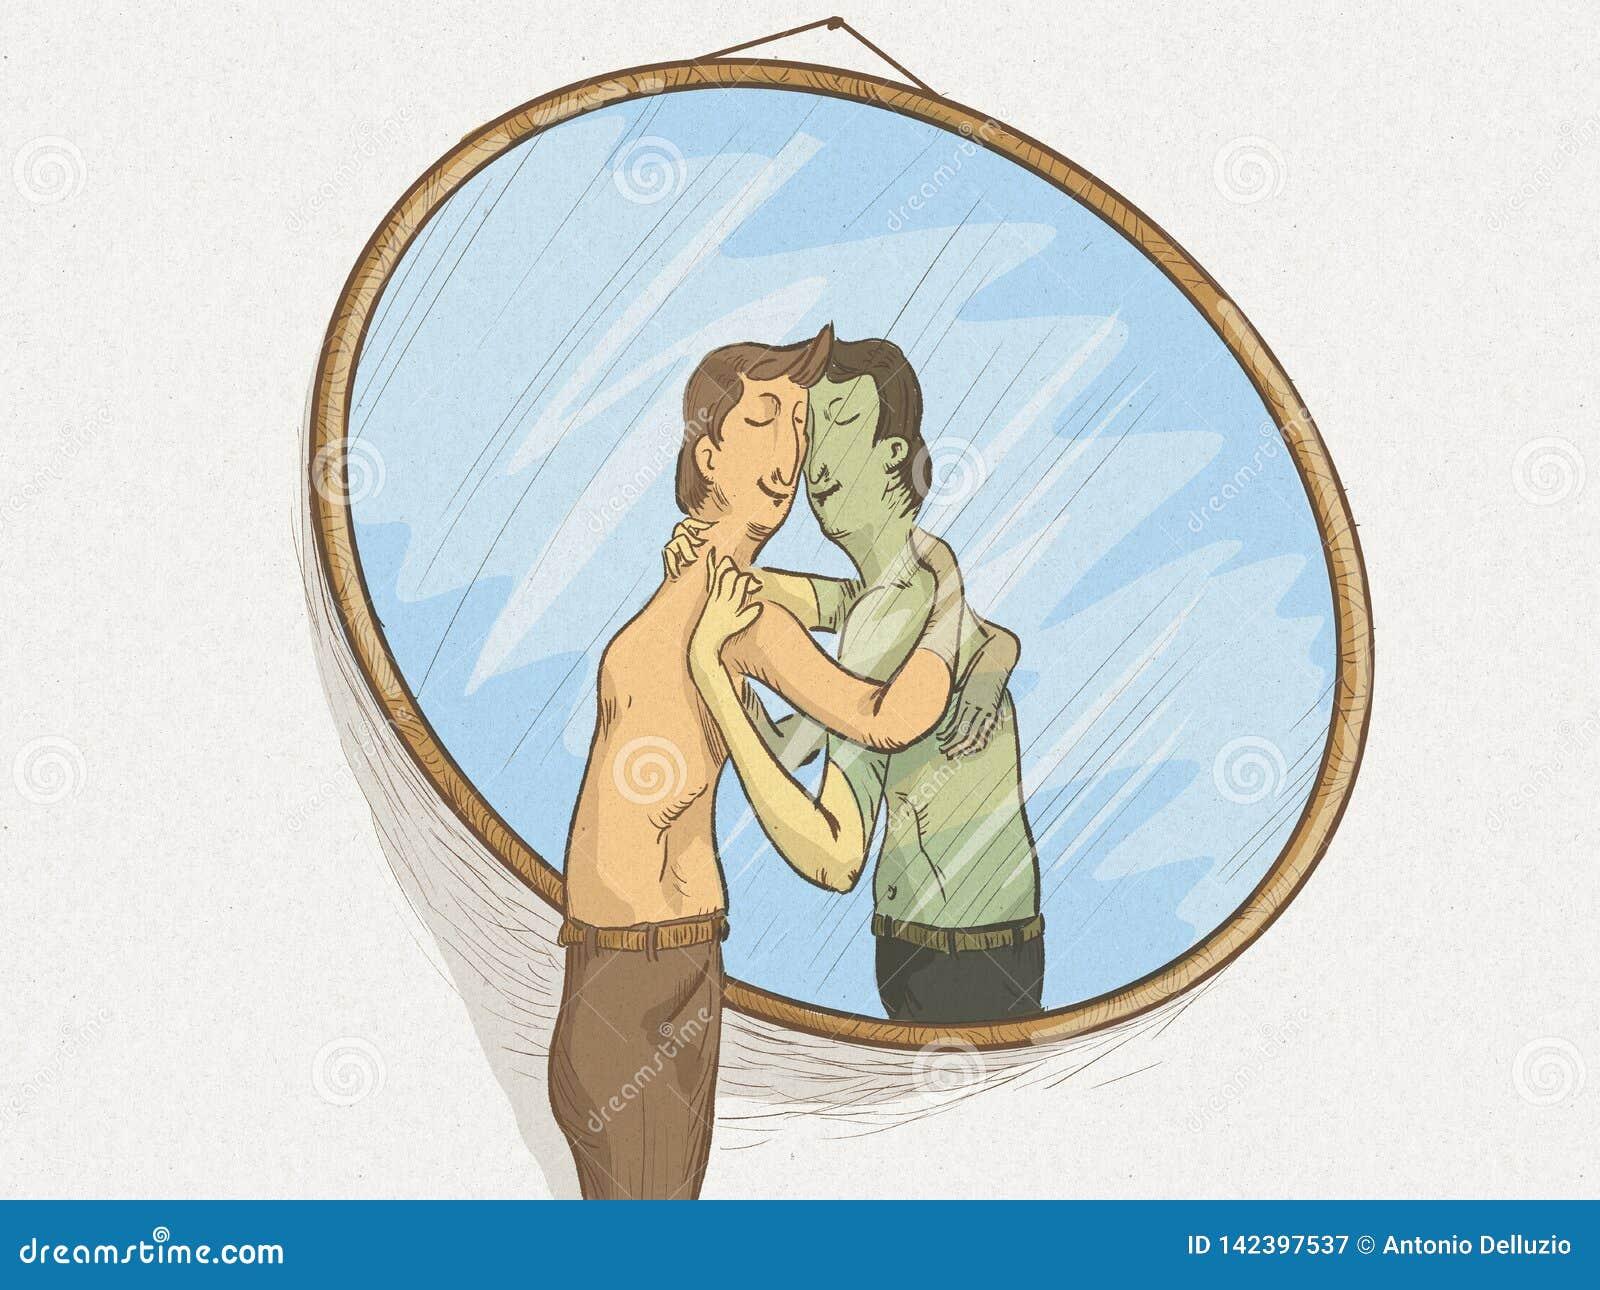 Ilustracja mężczyzna w lustrze w miłości z on w plciowej postawie